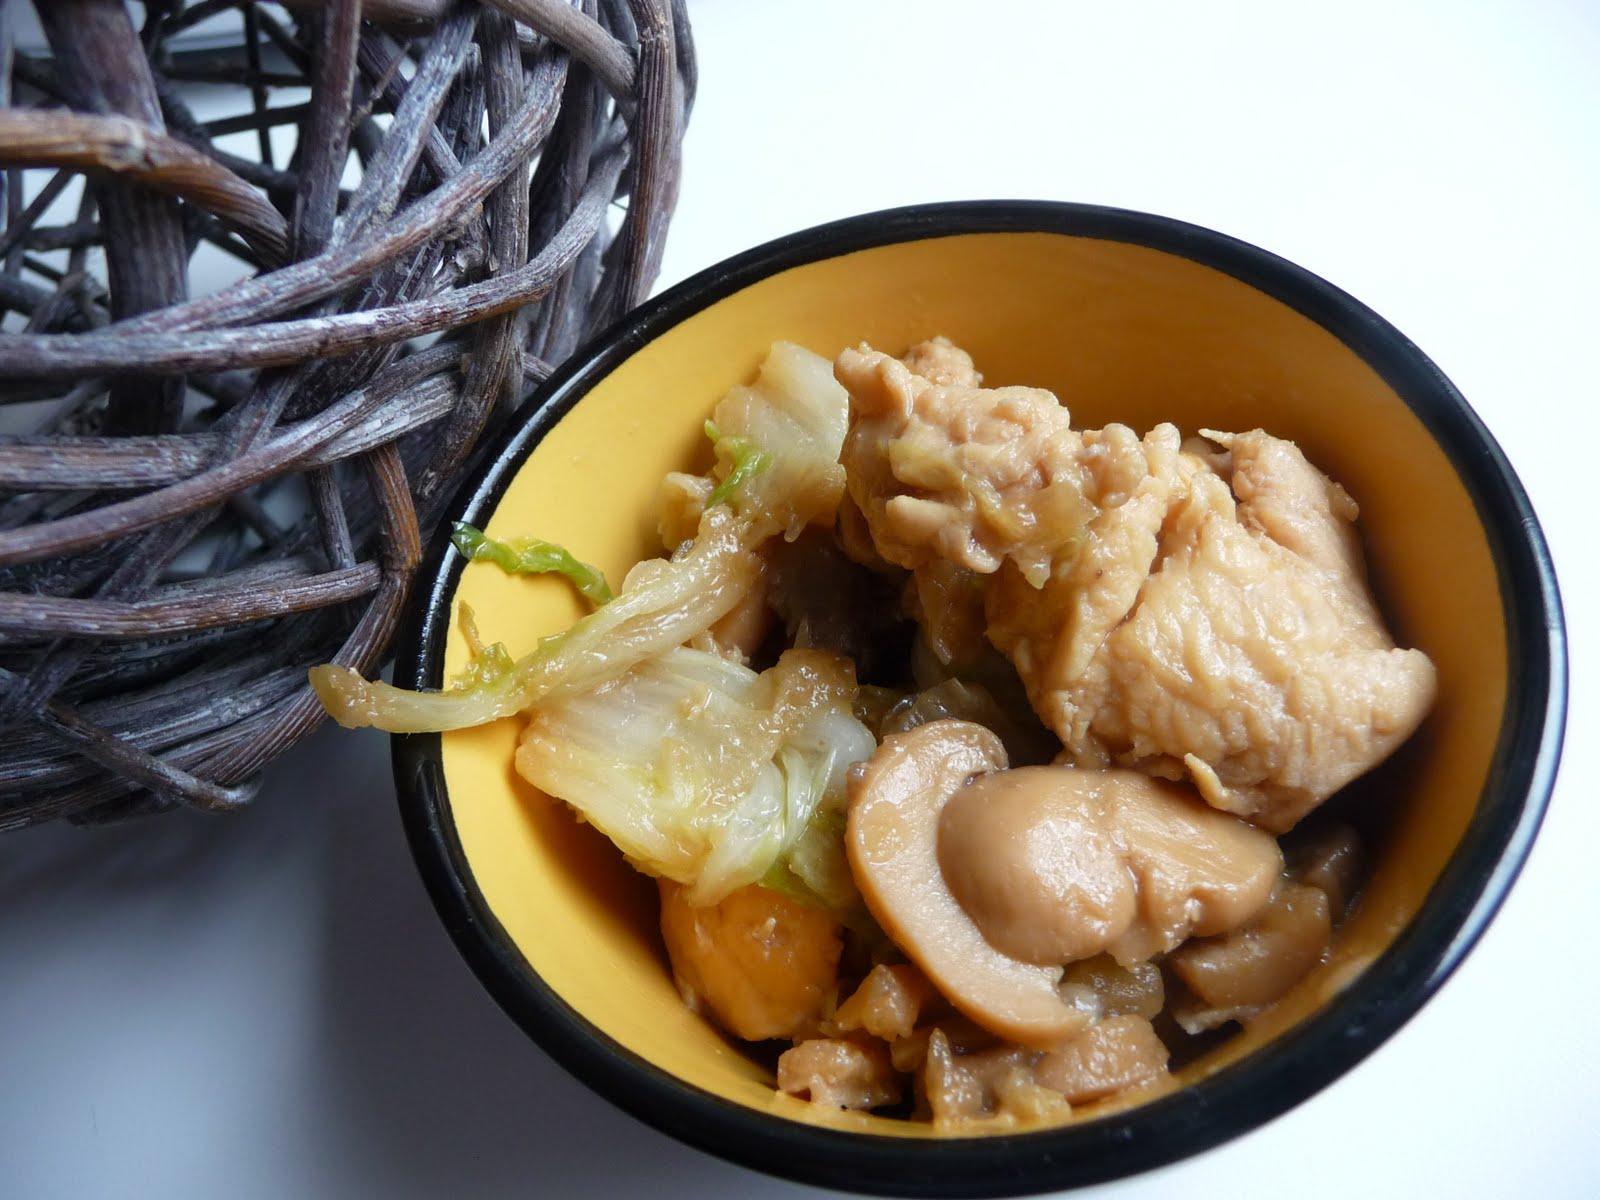 Papilles on off poulet au chou chinois et champignons au thermomix - Cuisiner du choux chinois ...